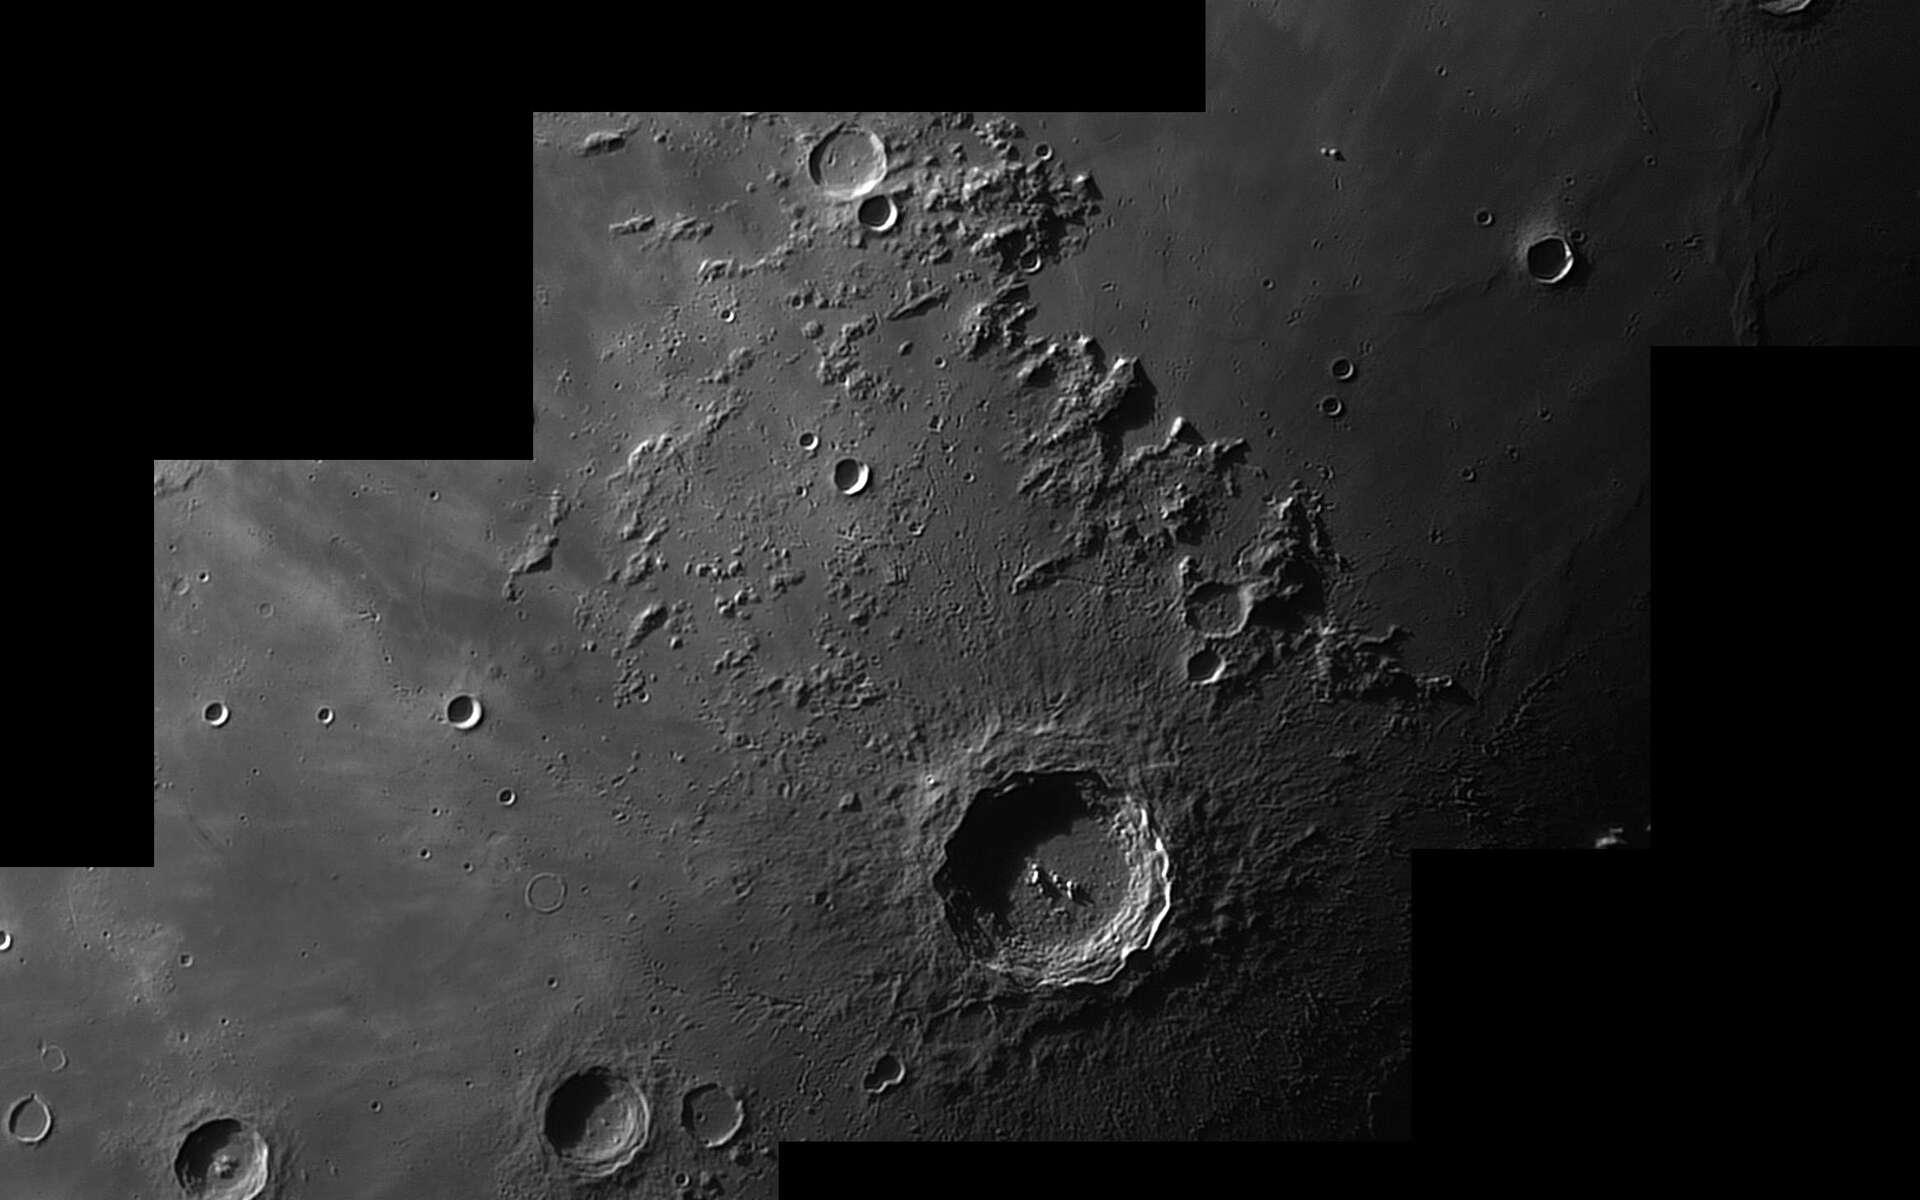 Copernic et ses alentours sont mis en valeur dans cette mosaïque réalisée avec un télescope de 20 centimètres de diamètre et une caméra ccd. © P. Renauld